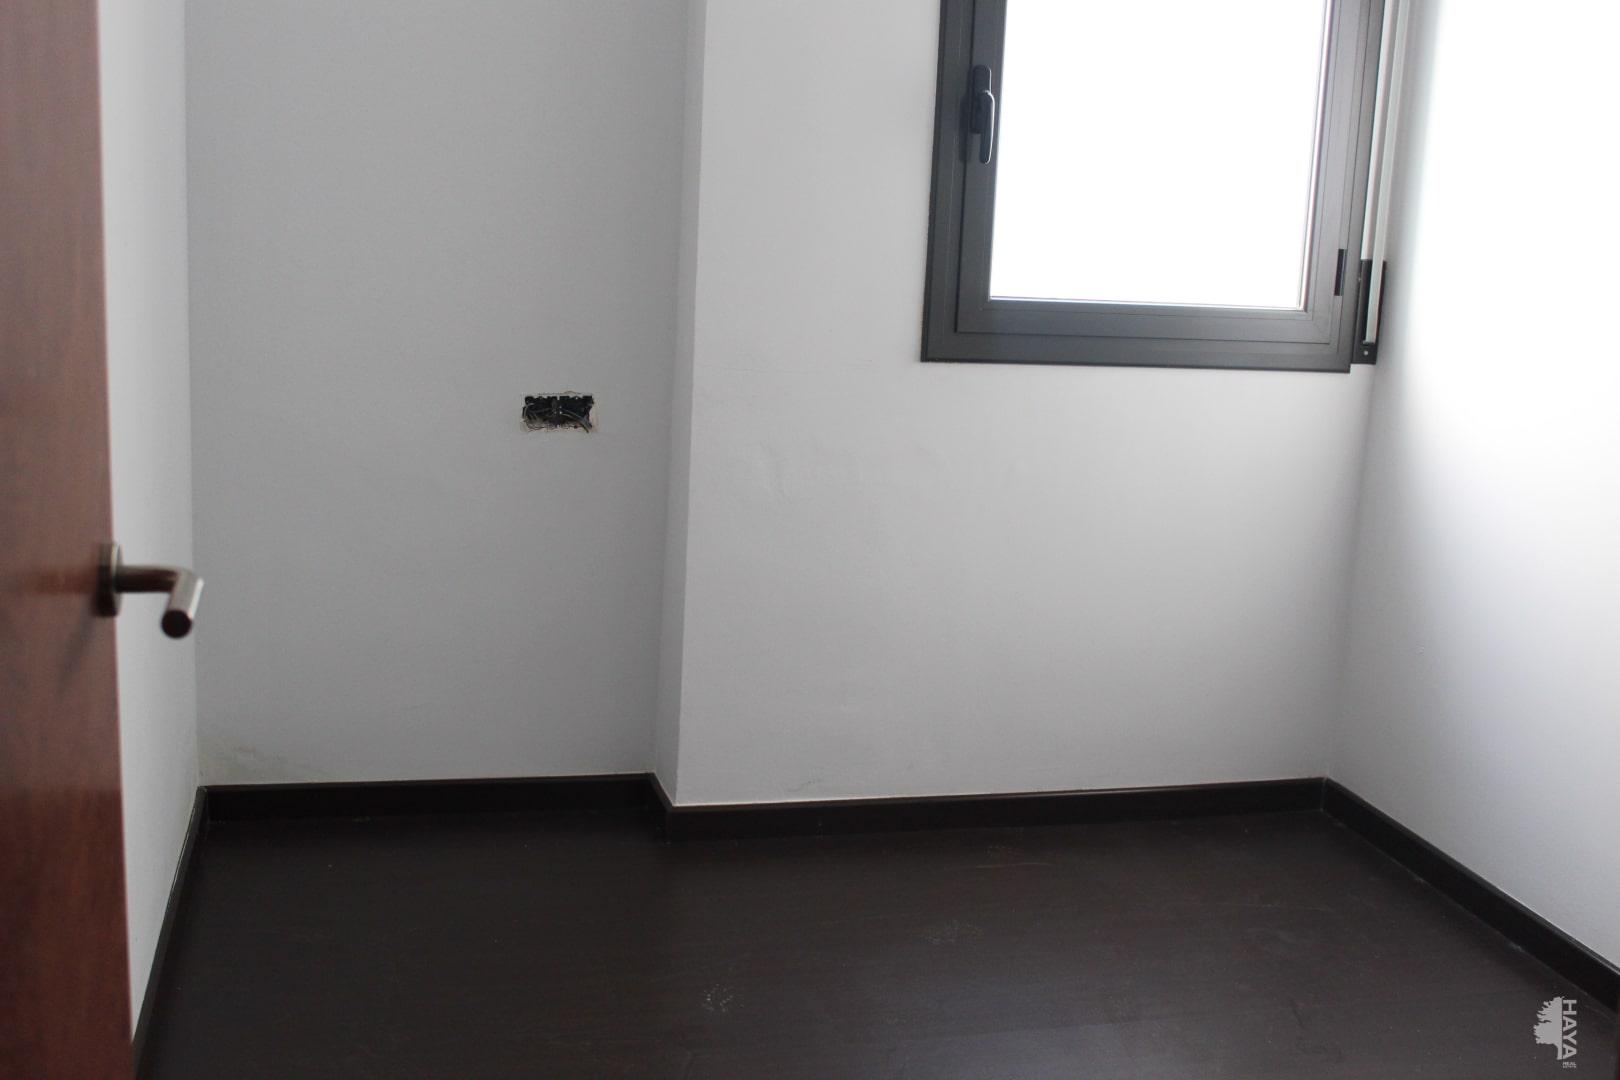 Piso en venta en Amposta, Tarragona, Calle Bruch, 52.440 €, 2 habitaciones, 1 baño, 58 m2